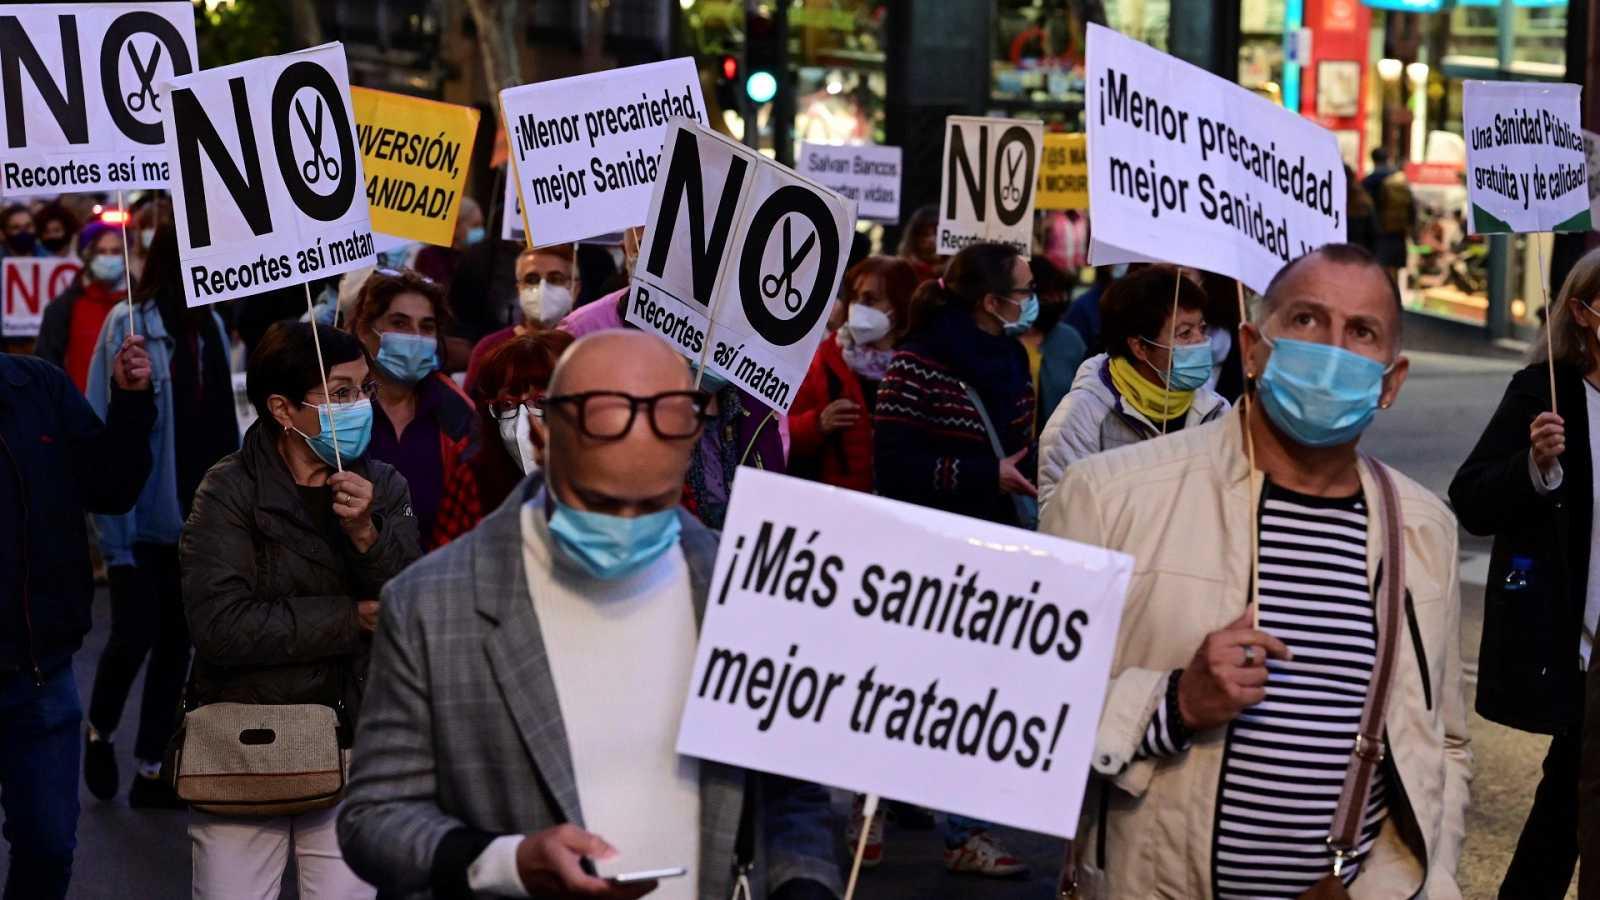 Manifestaciones en varias ciudades españolas en defensa de la sanidad pública